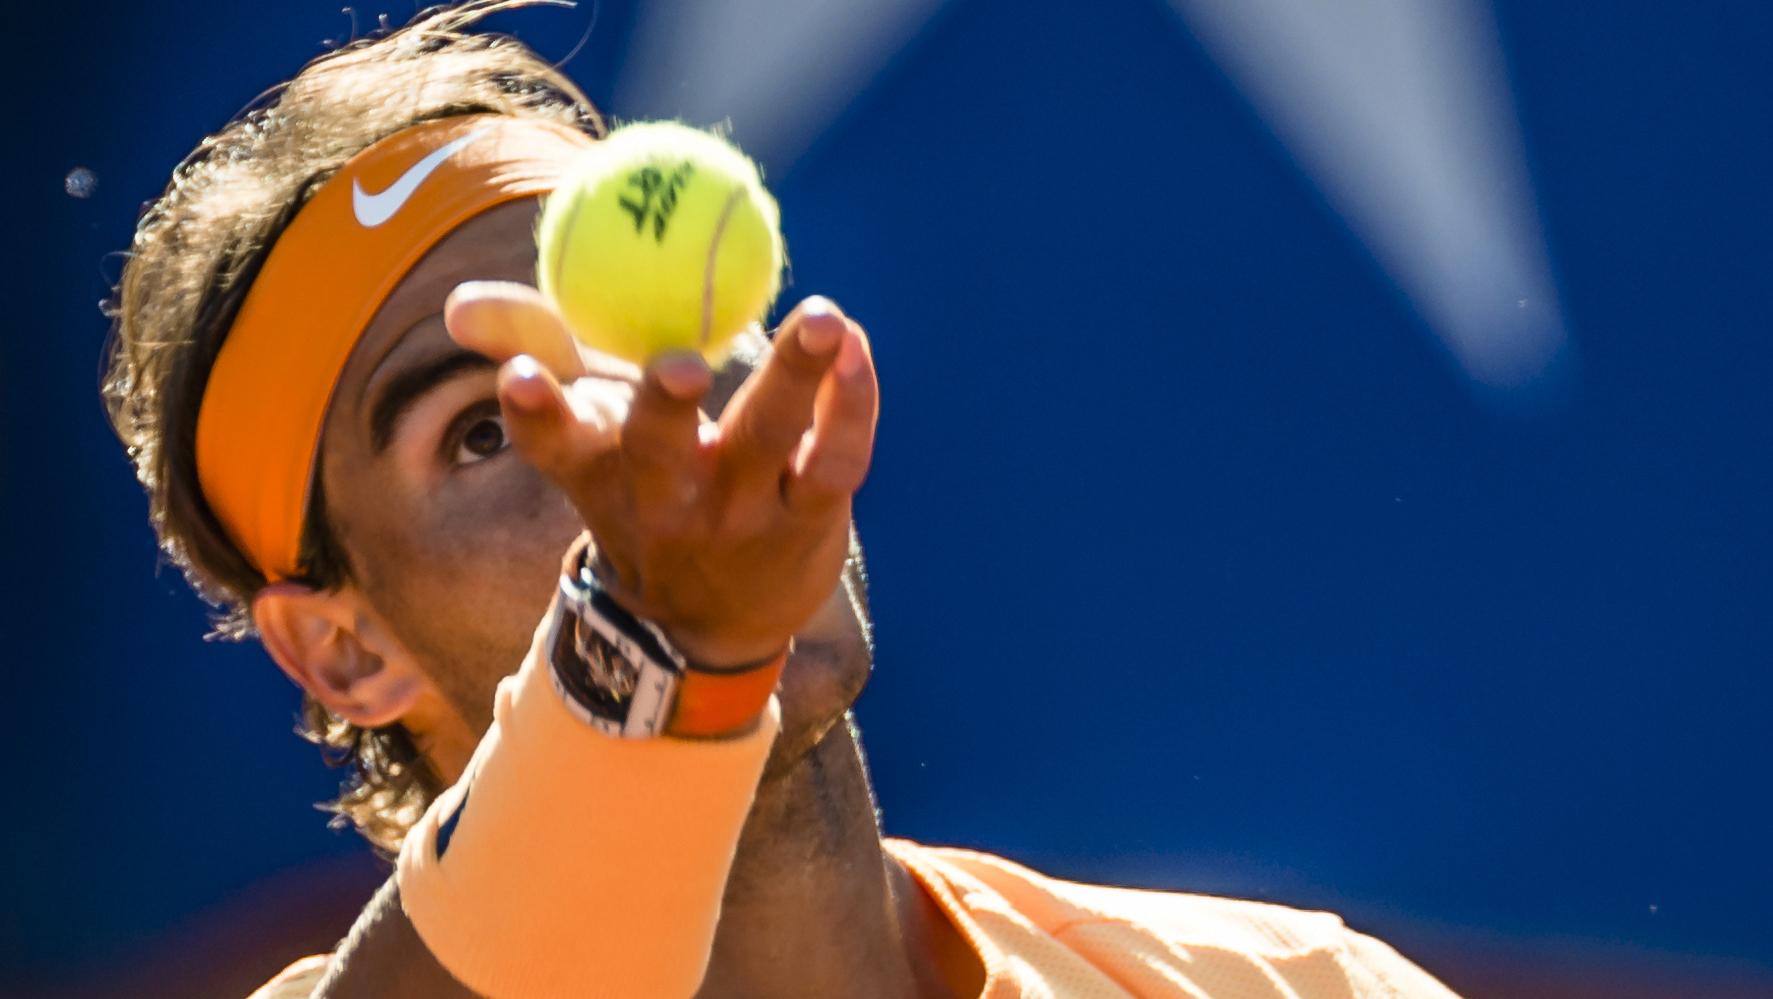 ATP - Djokovic-Nadal?: le match est relancé à Madrid